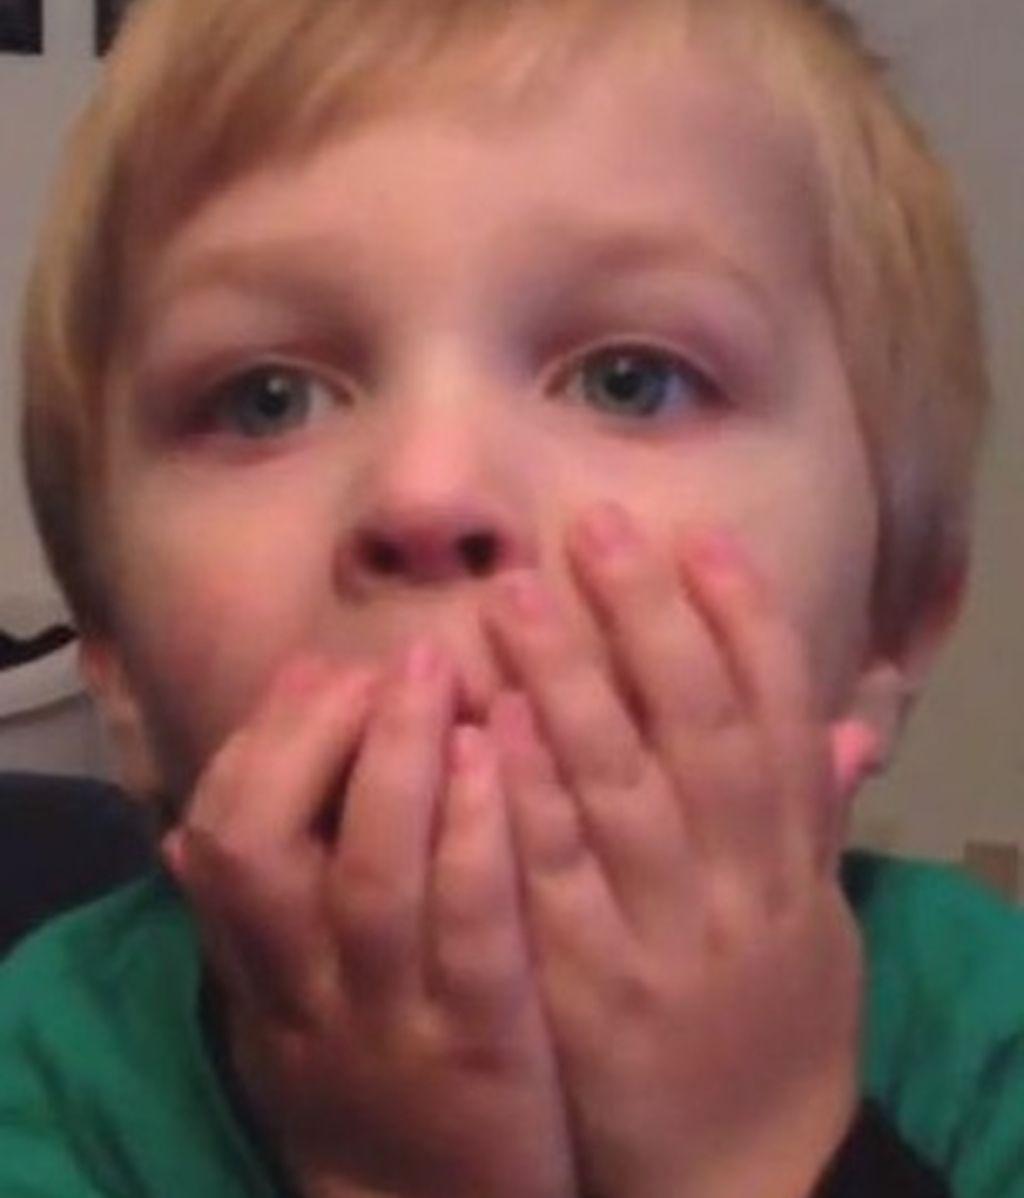 Cara de perplejidad al descubrir que sus padres se comieron sus caramelos